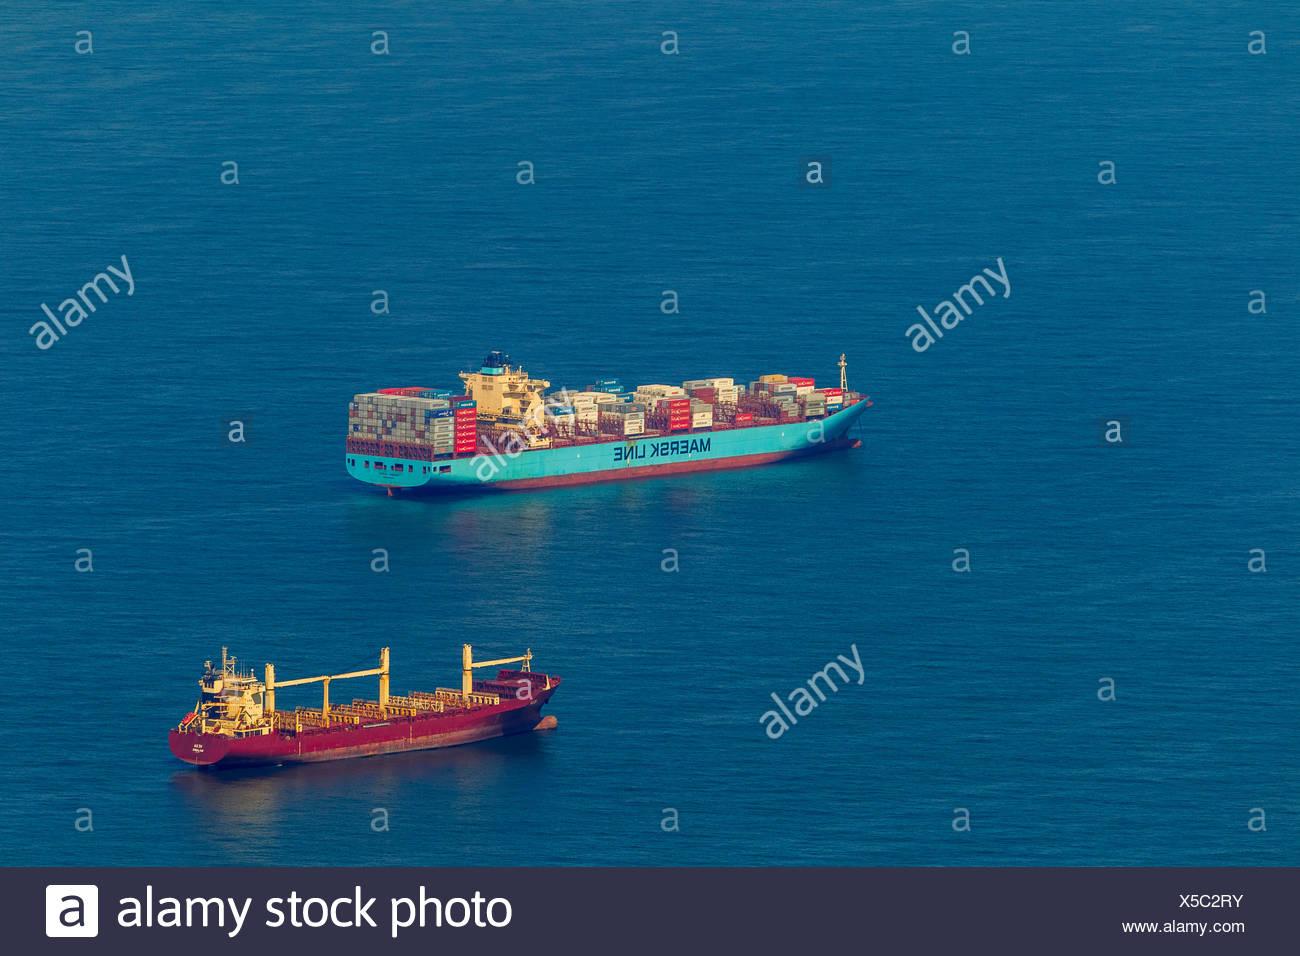 Luftaufnahme, Frachtschiffe am Anker, Reederei, Versandweg, Schiffe auf See, küstennahen Gewässern vor Wangerooge, Nordsee Stockbild